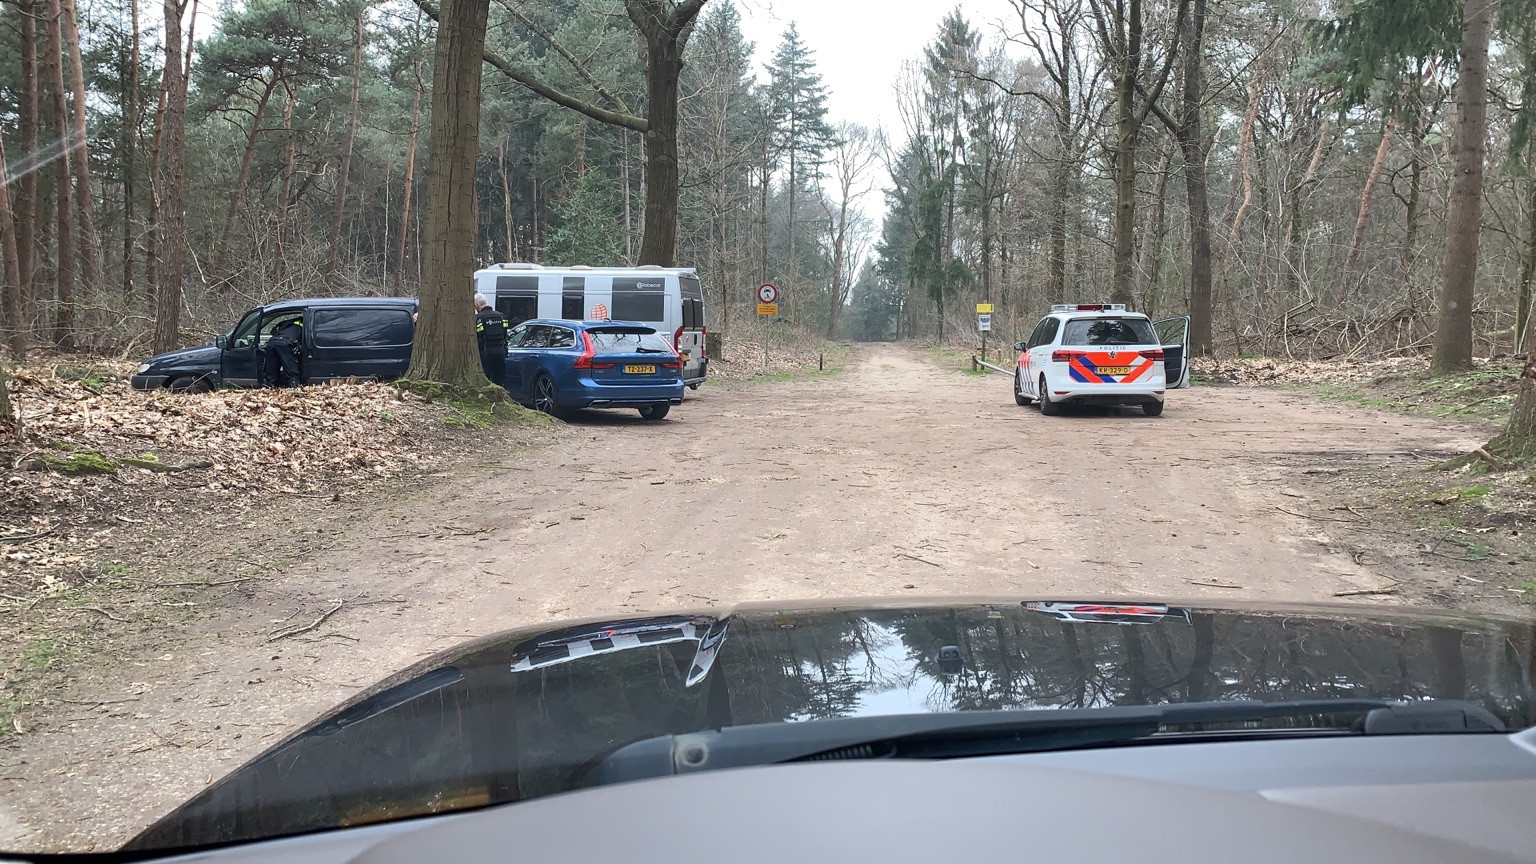 Agenten doorzoeken in het bos het blauwe bestelbusje van de belager van Van Lent. DG